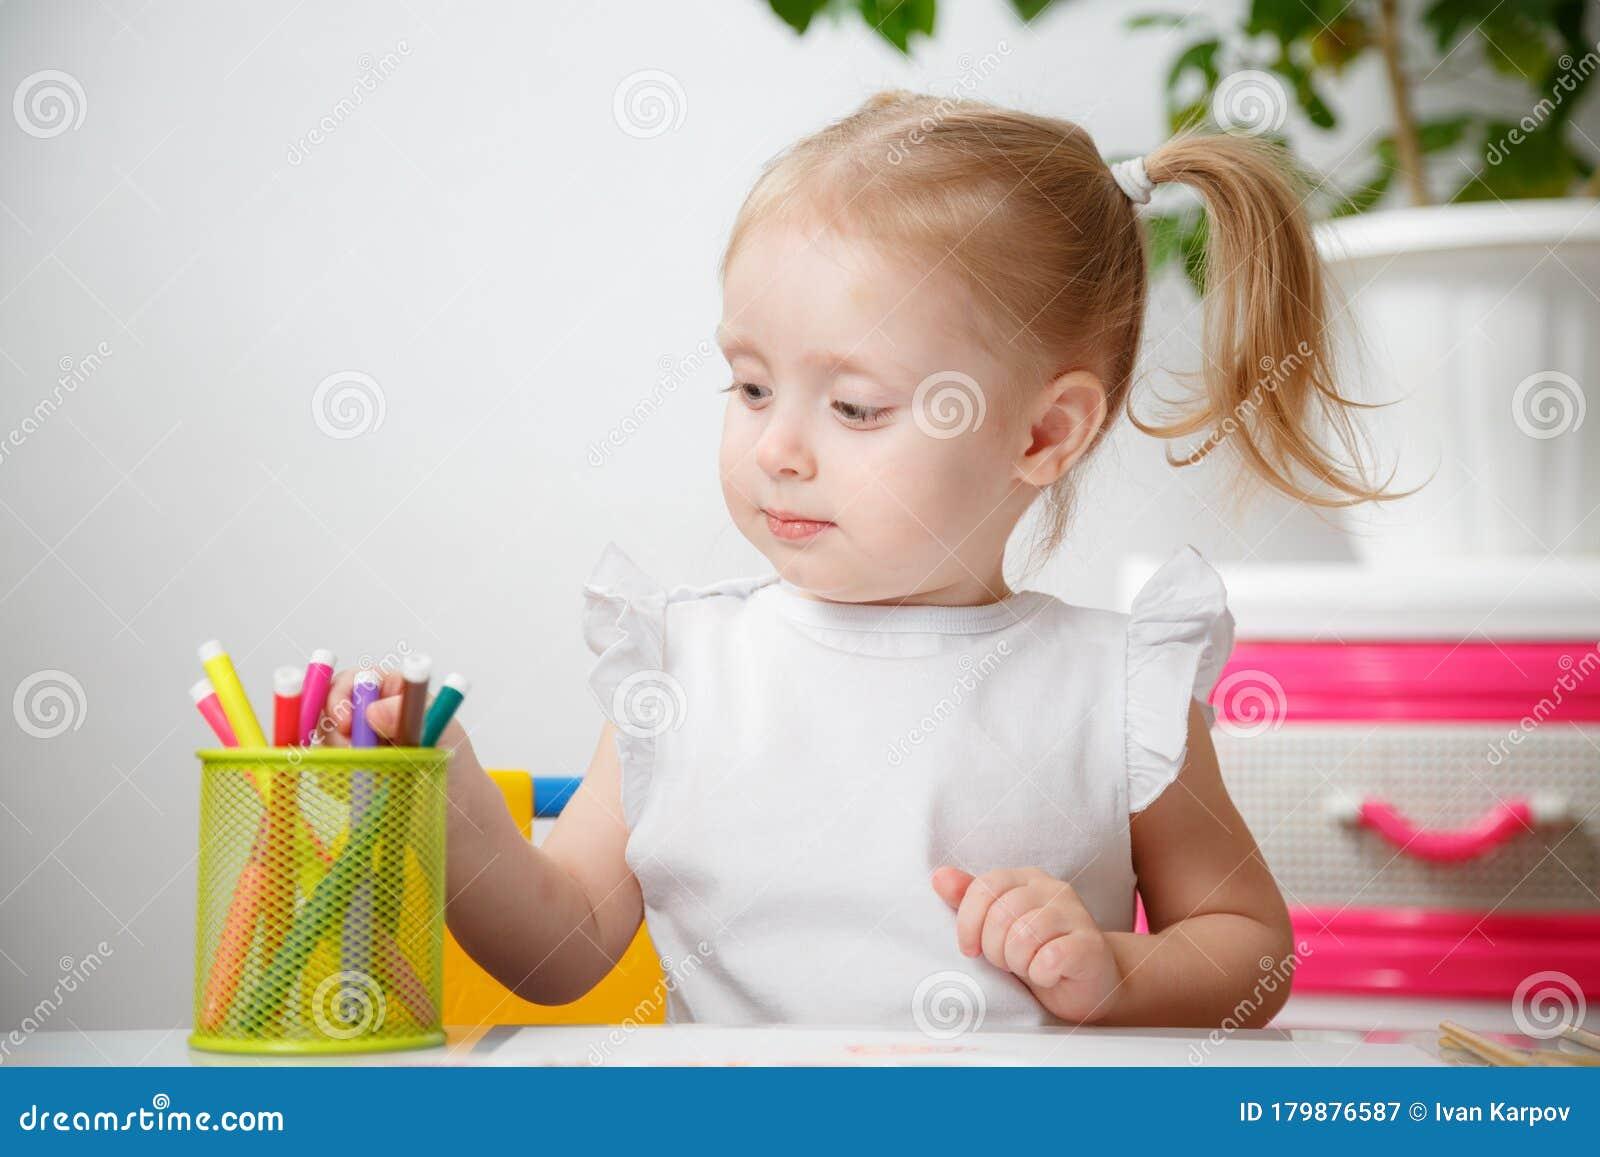 Pequeña Y Cuidadosa Niña De 3 Años En Camisa Blanca Y Las Picas Caras Dibujan Con Marcadores En Casa Imagen De Archivo Imagen De Vector Marker 179876587